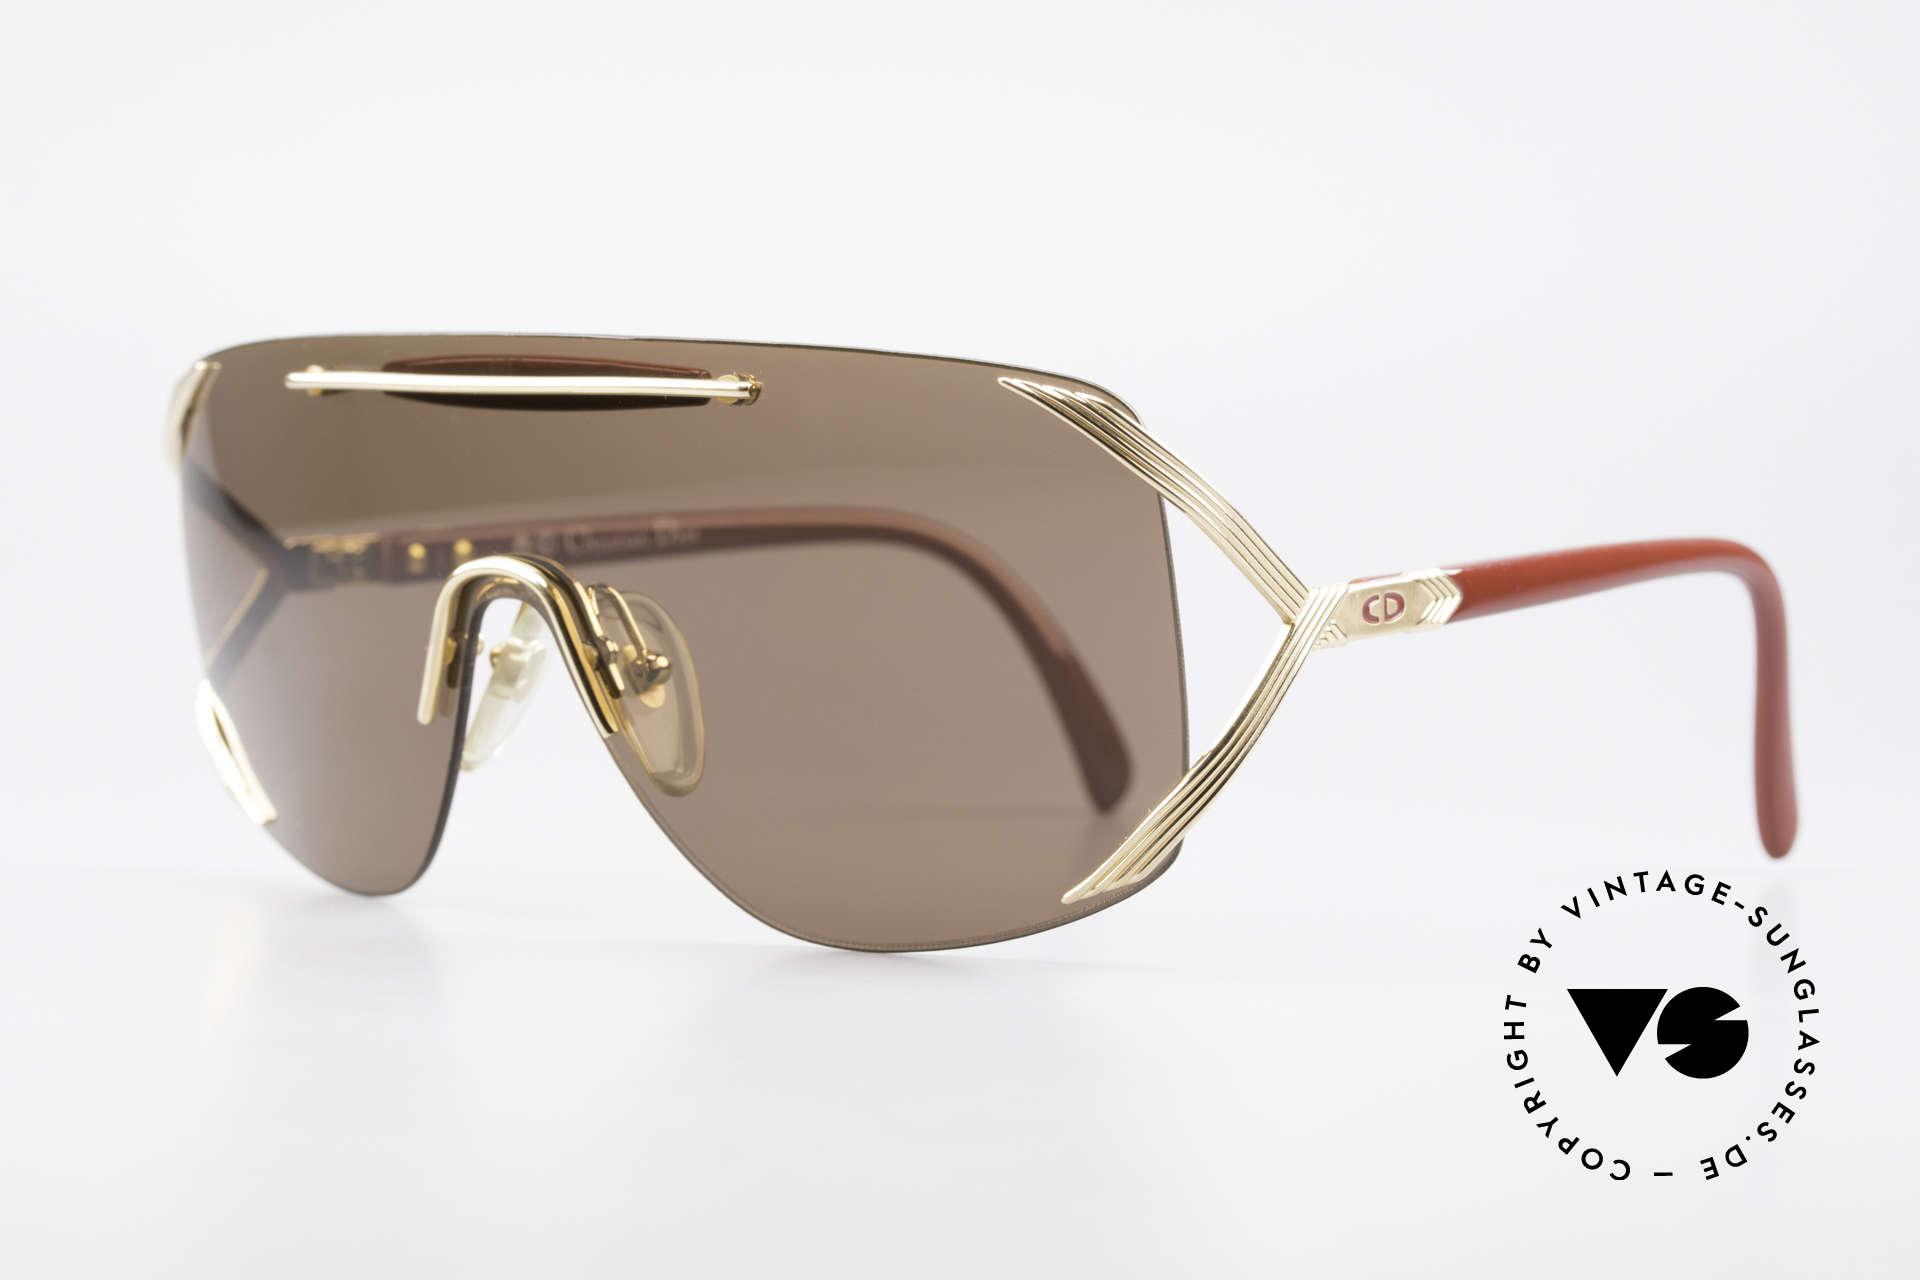 Christian Dior 2434 Rihanna Vintage Sonnenbrille, brilliantes, sehr seltenes Modell mit neuem Etui, Passend für Damen